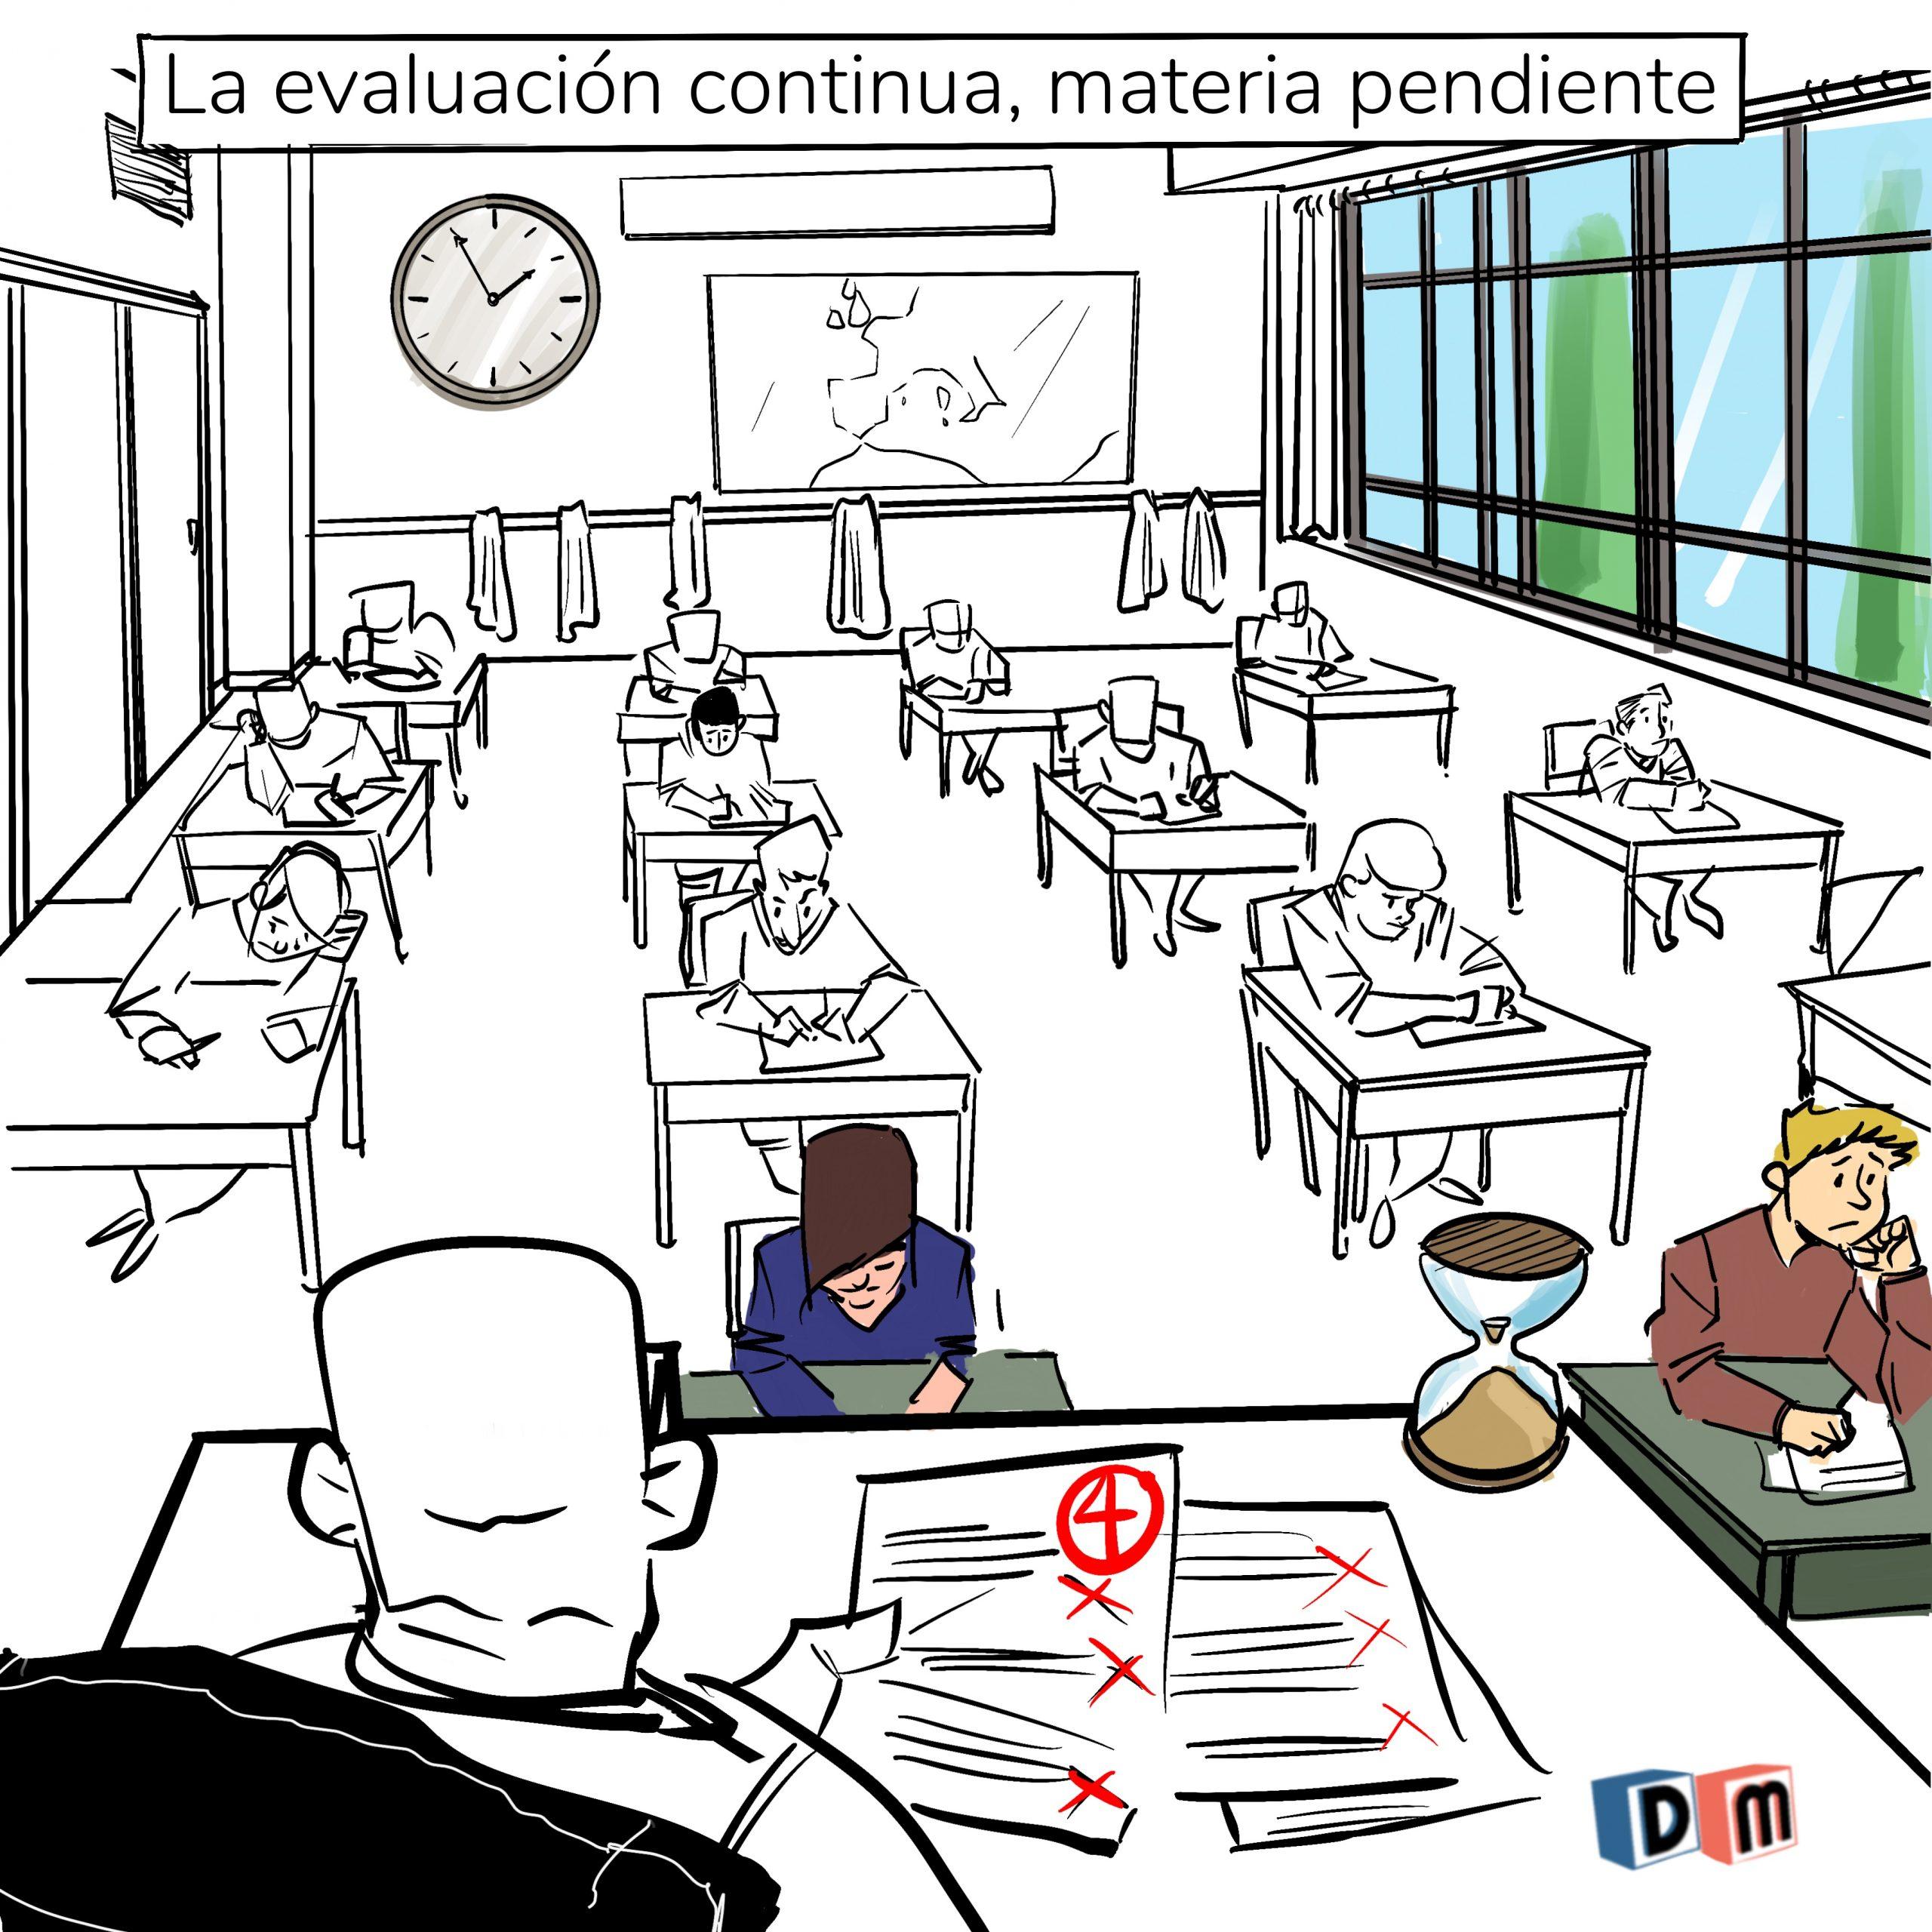 David Mora_Viñeta 25_La evaluación continua, materia pendiente